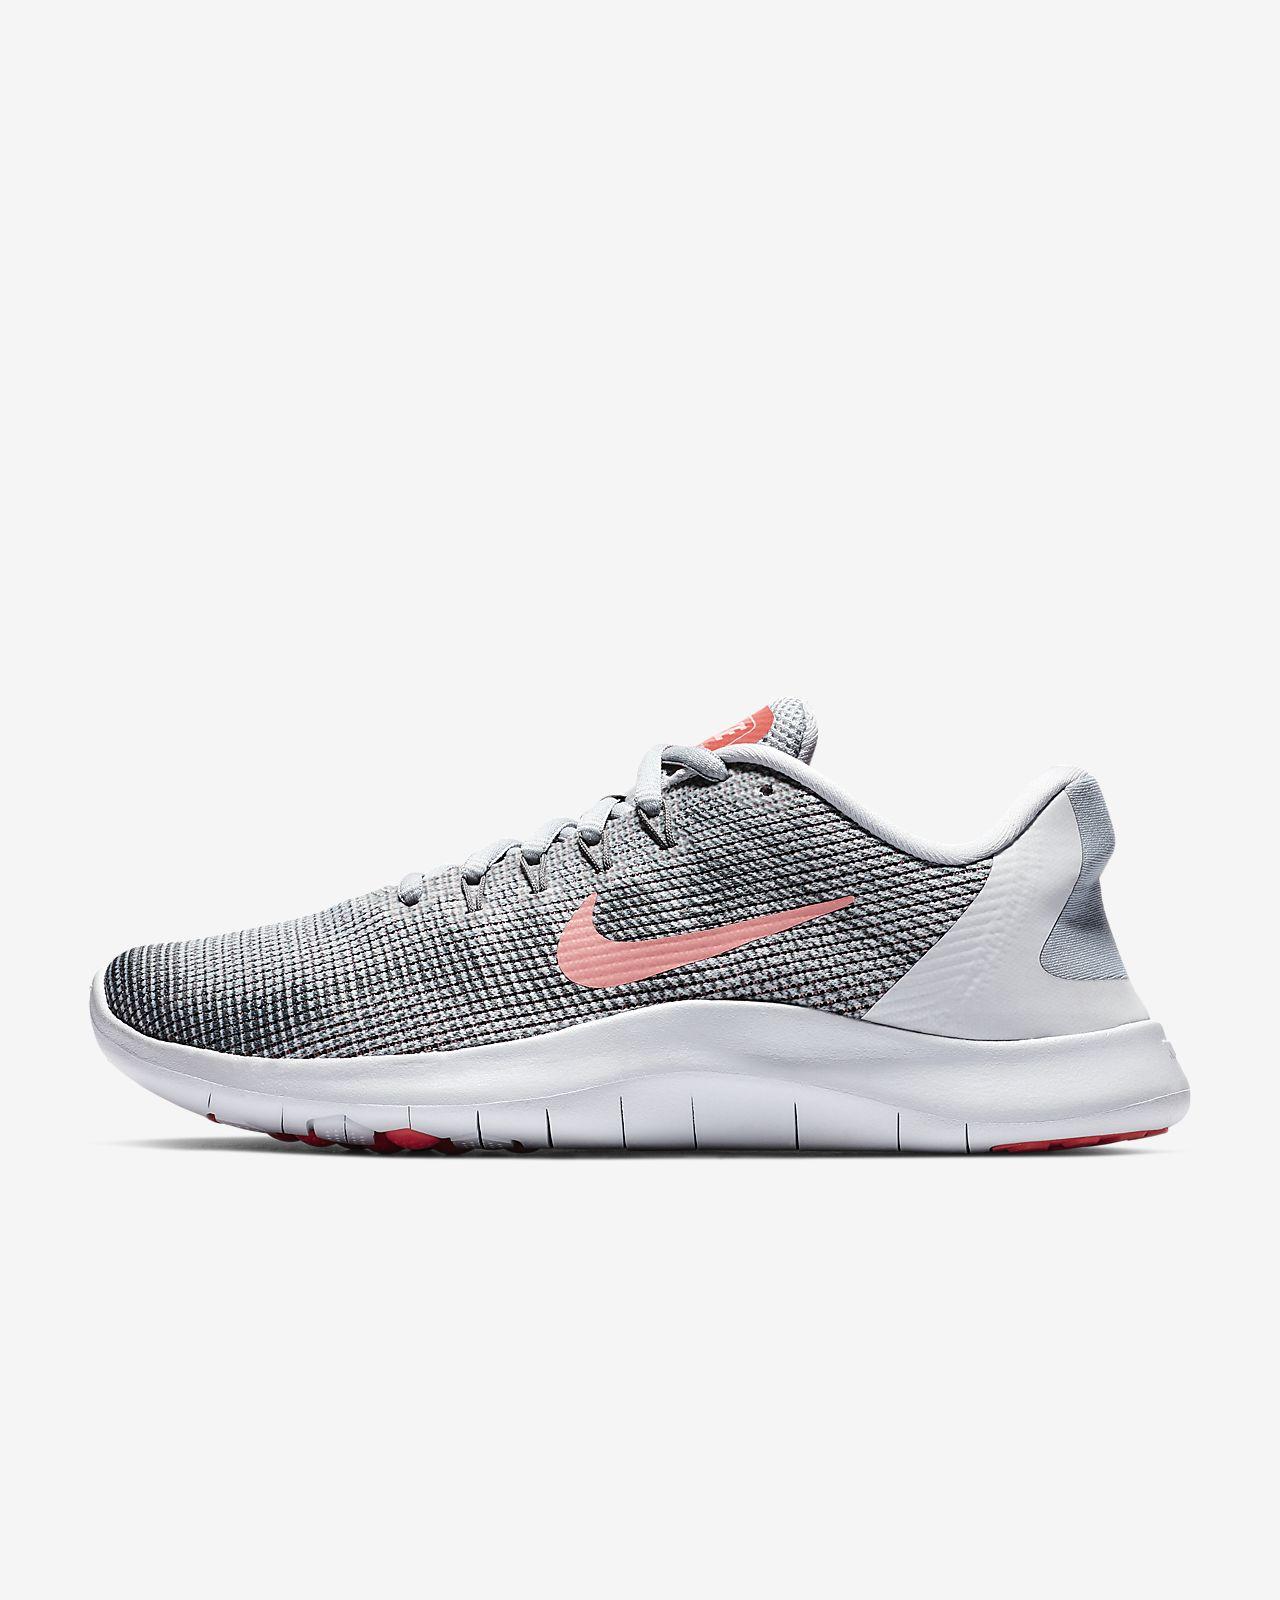 online retailer dd698 11f62 ... Chaussure de running Nike Flex RN 2018 pour Femme